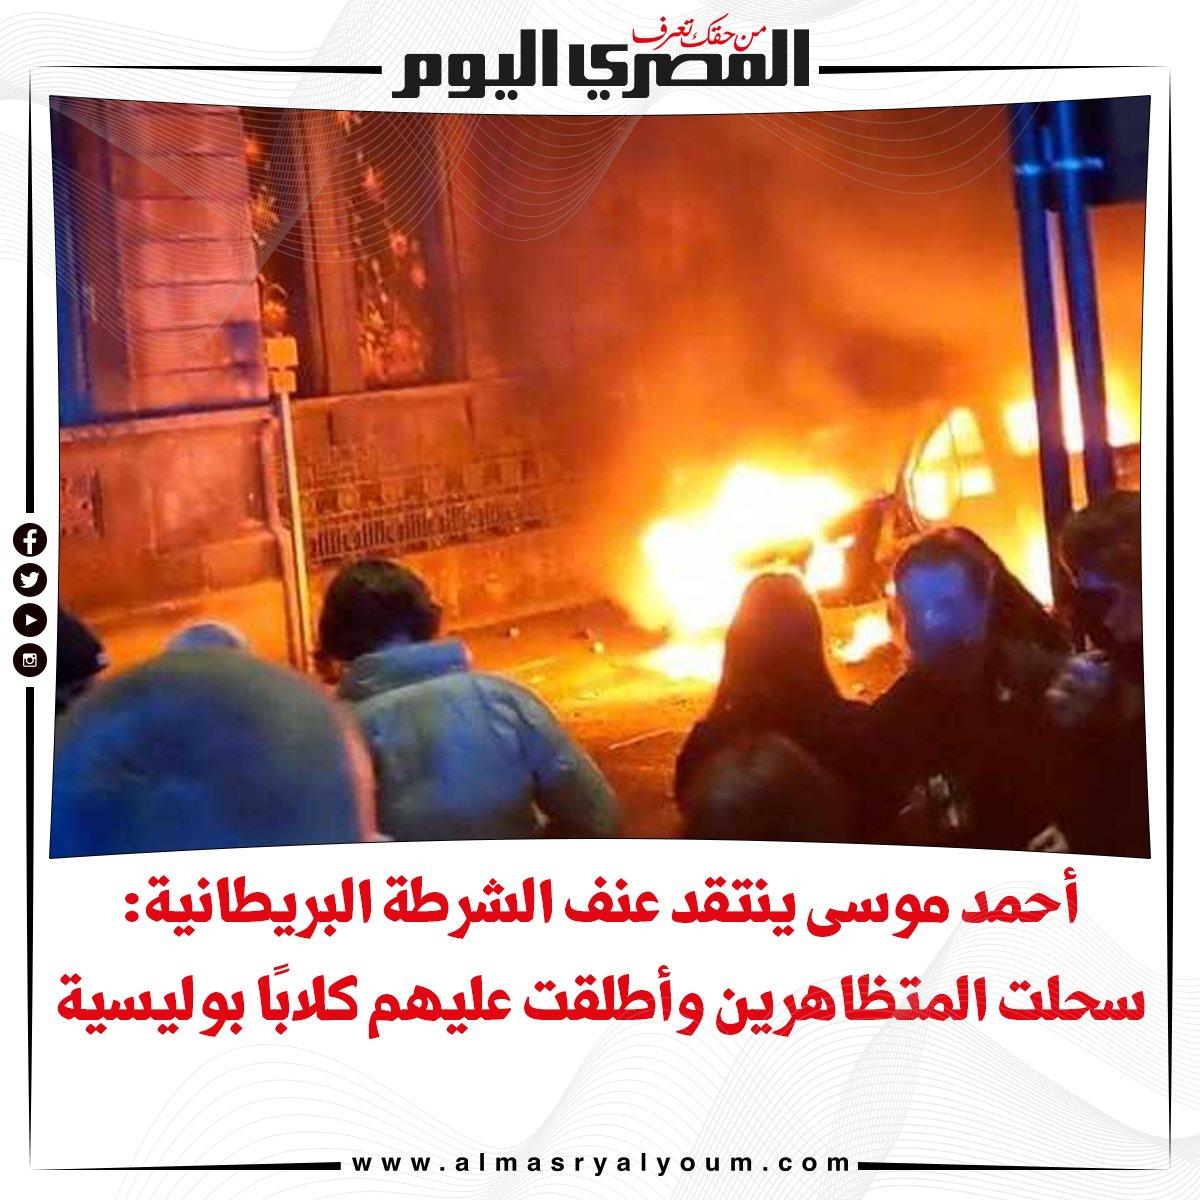 أحمد موسى ينتقد عنف الشرطة البريطانية سحلت المتظاهرين وأطلقت عليهم كلابًا بوليسية